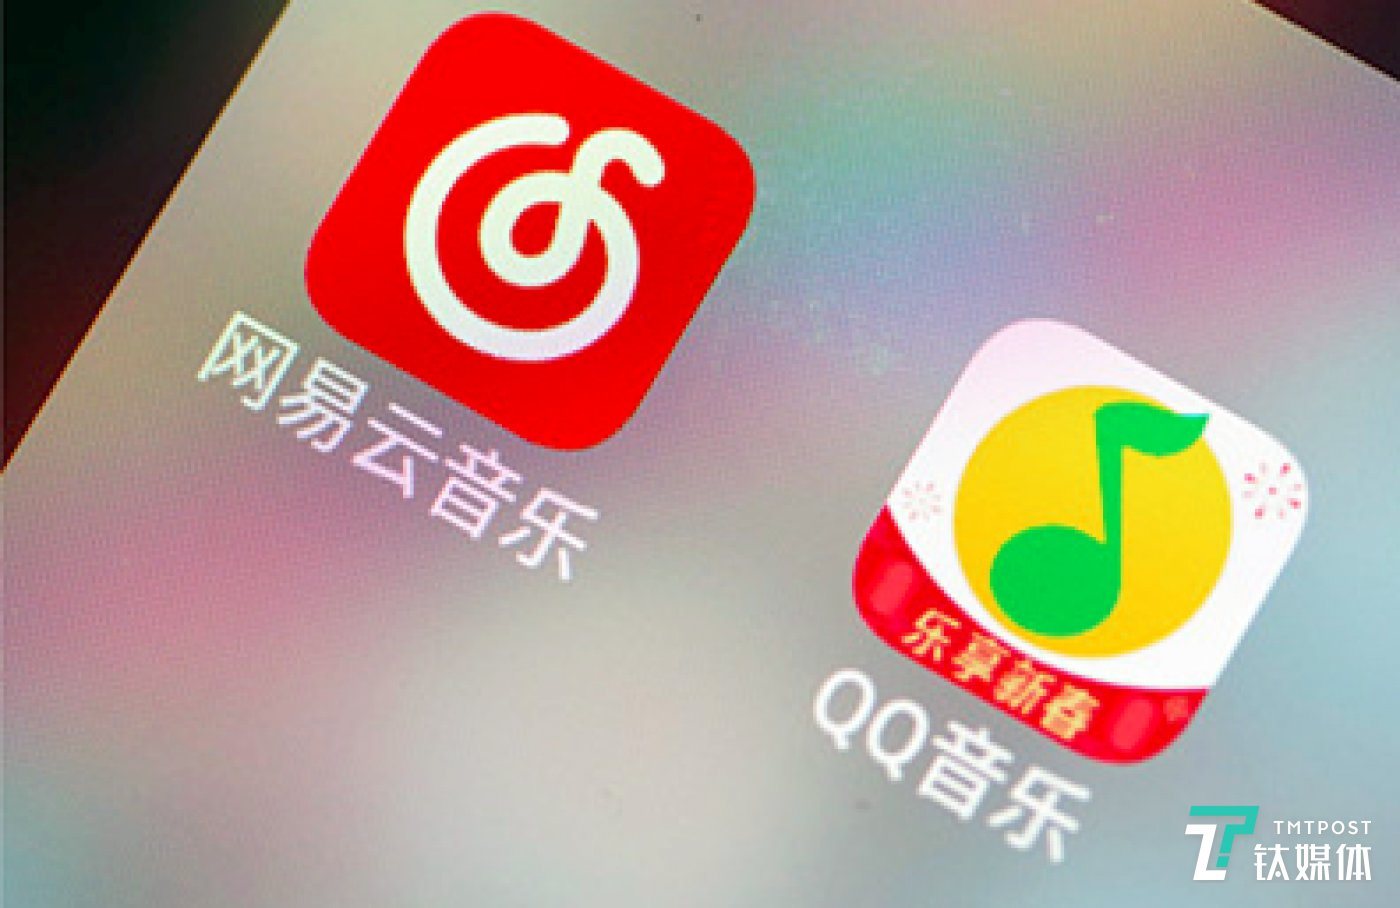 腾讯与网易云音乐的版权之争日趋白热化